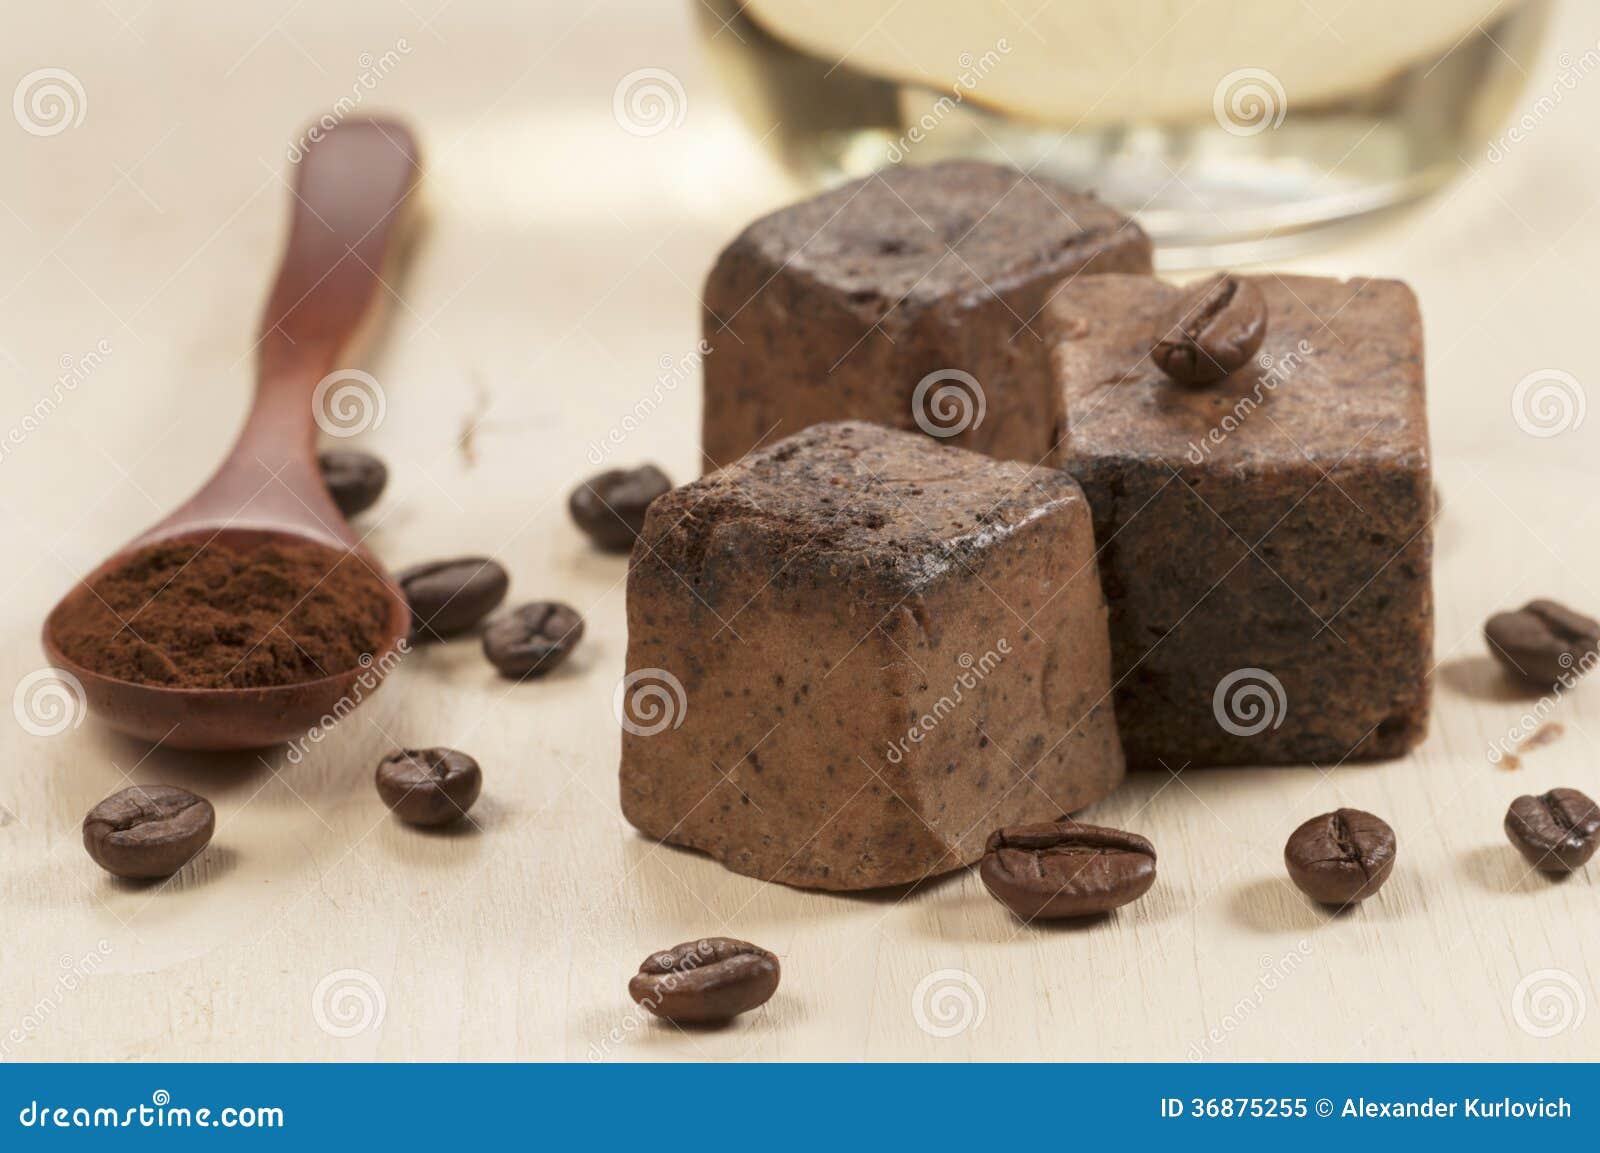 Download Minestra fatta a mano immagine stock. Immagine di minestra - 36875255